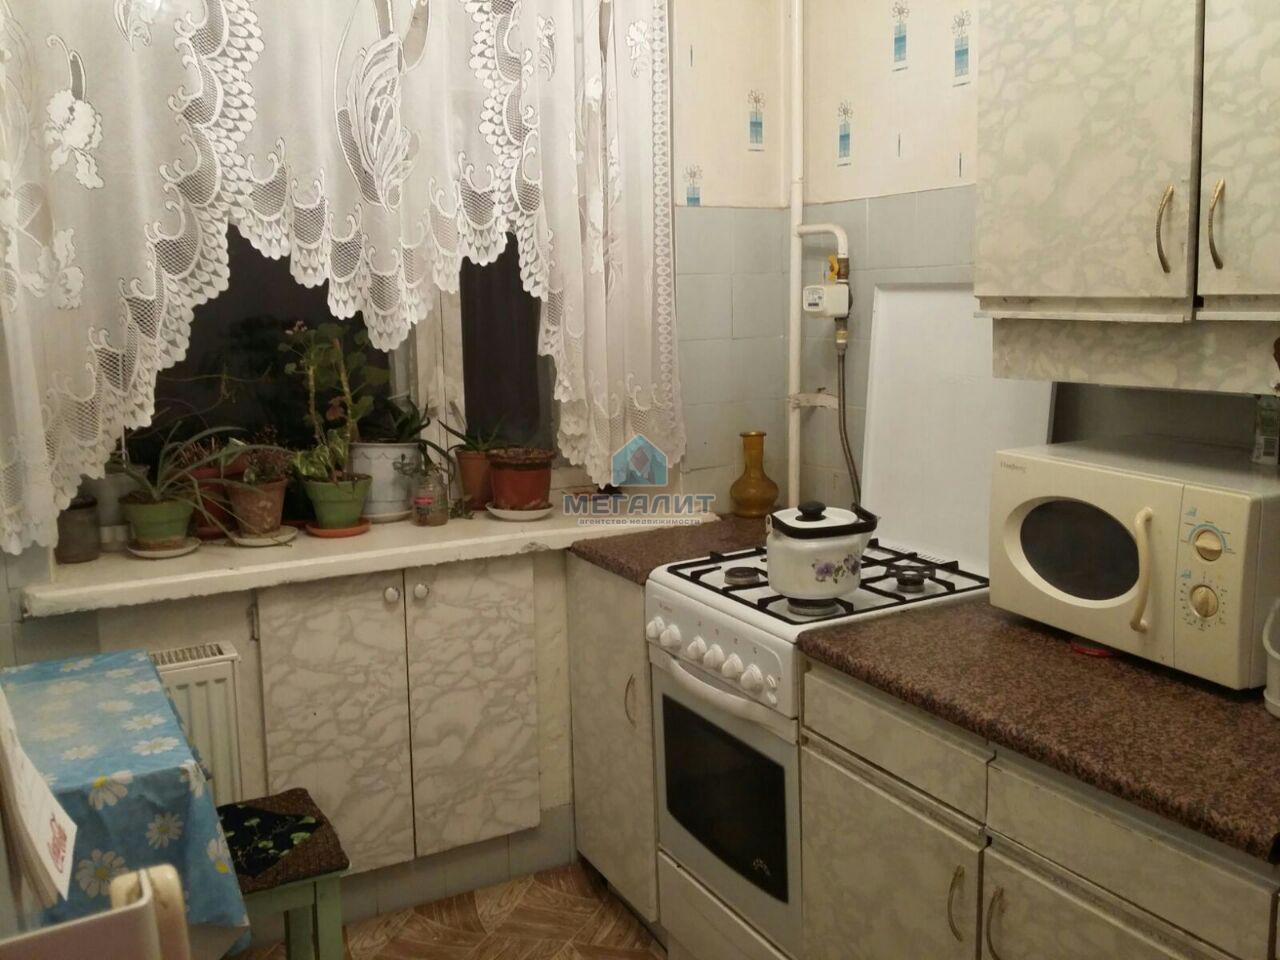 Сдается квартира в Московском районе. (миниатюра №4)